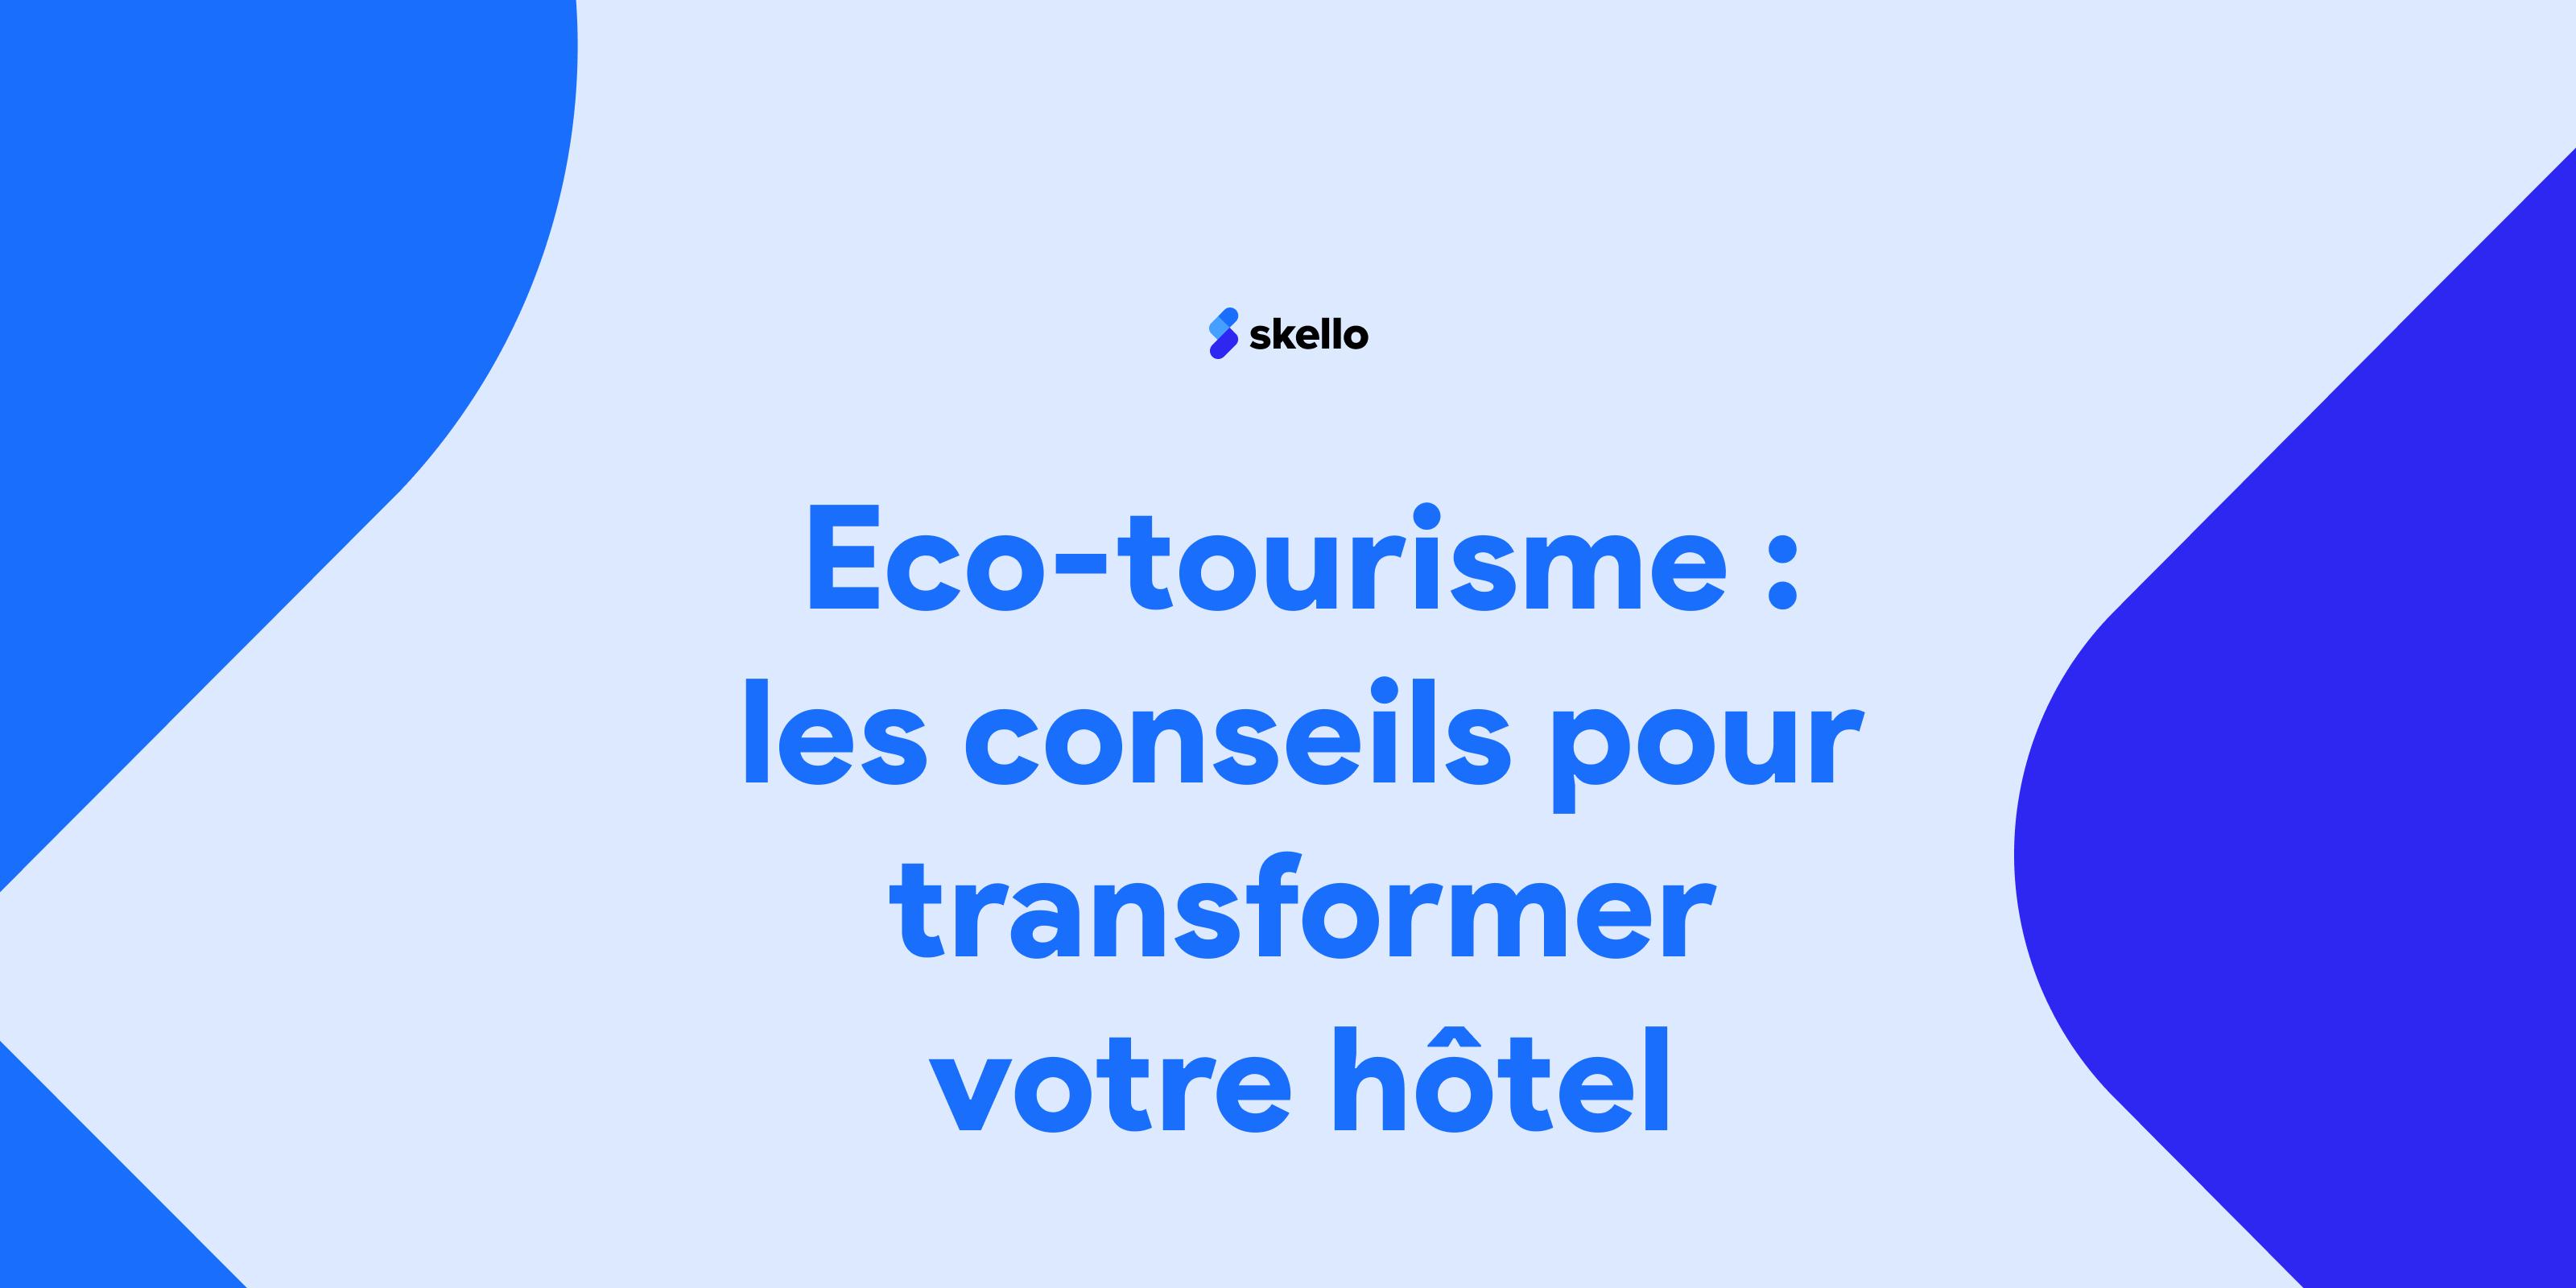 Eco-tourisme: les conseils pour transformer votre hôtel.